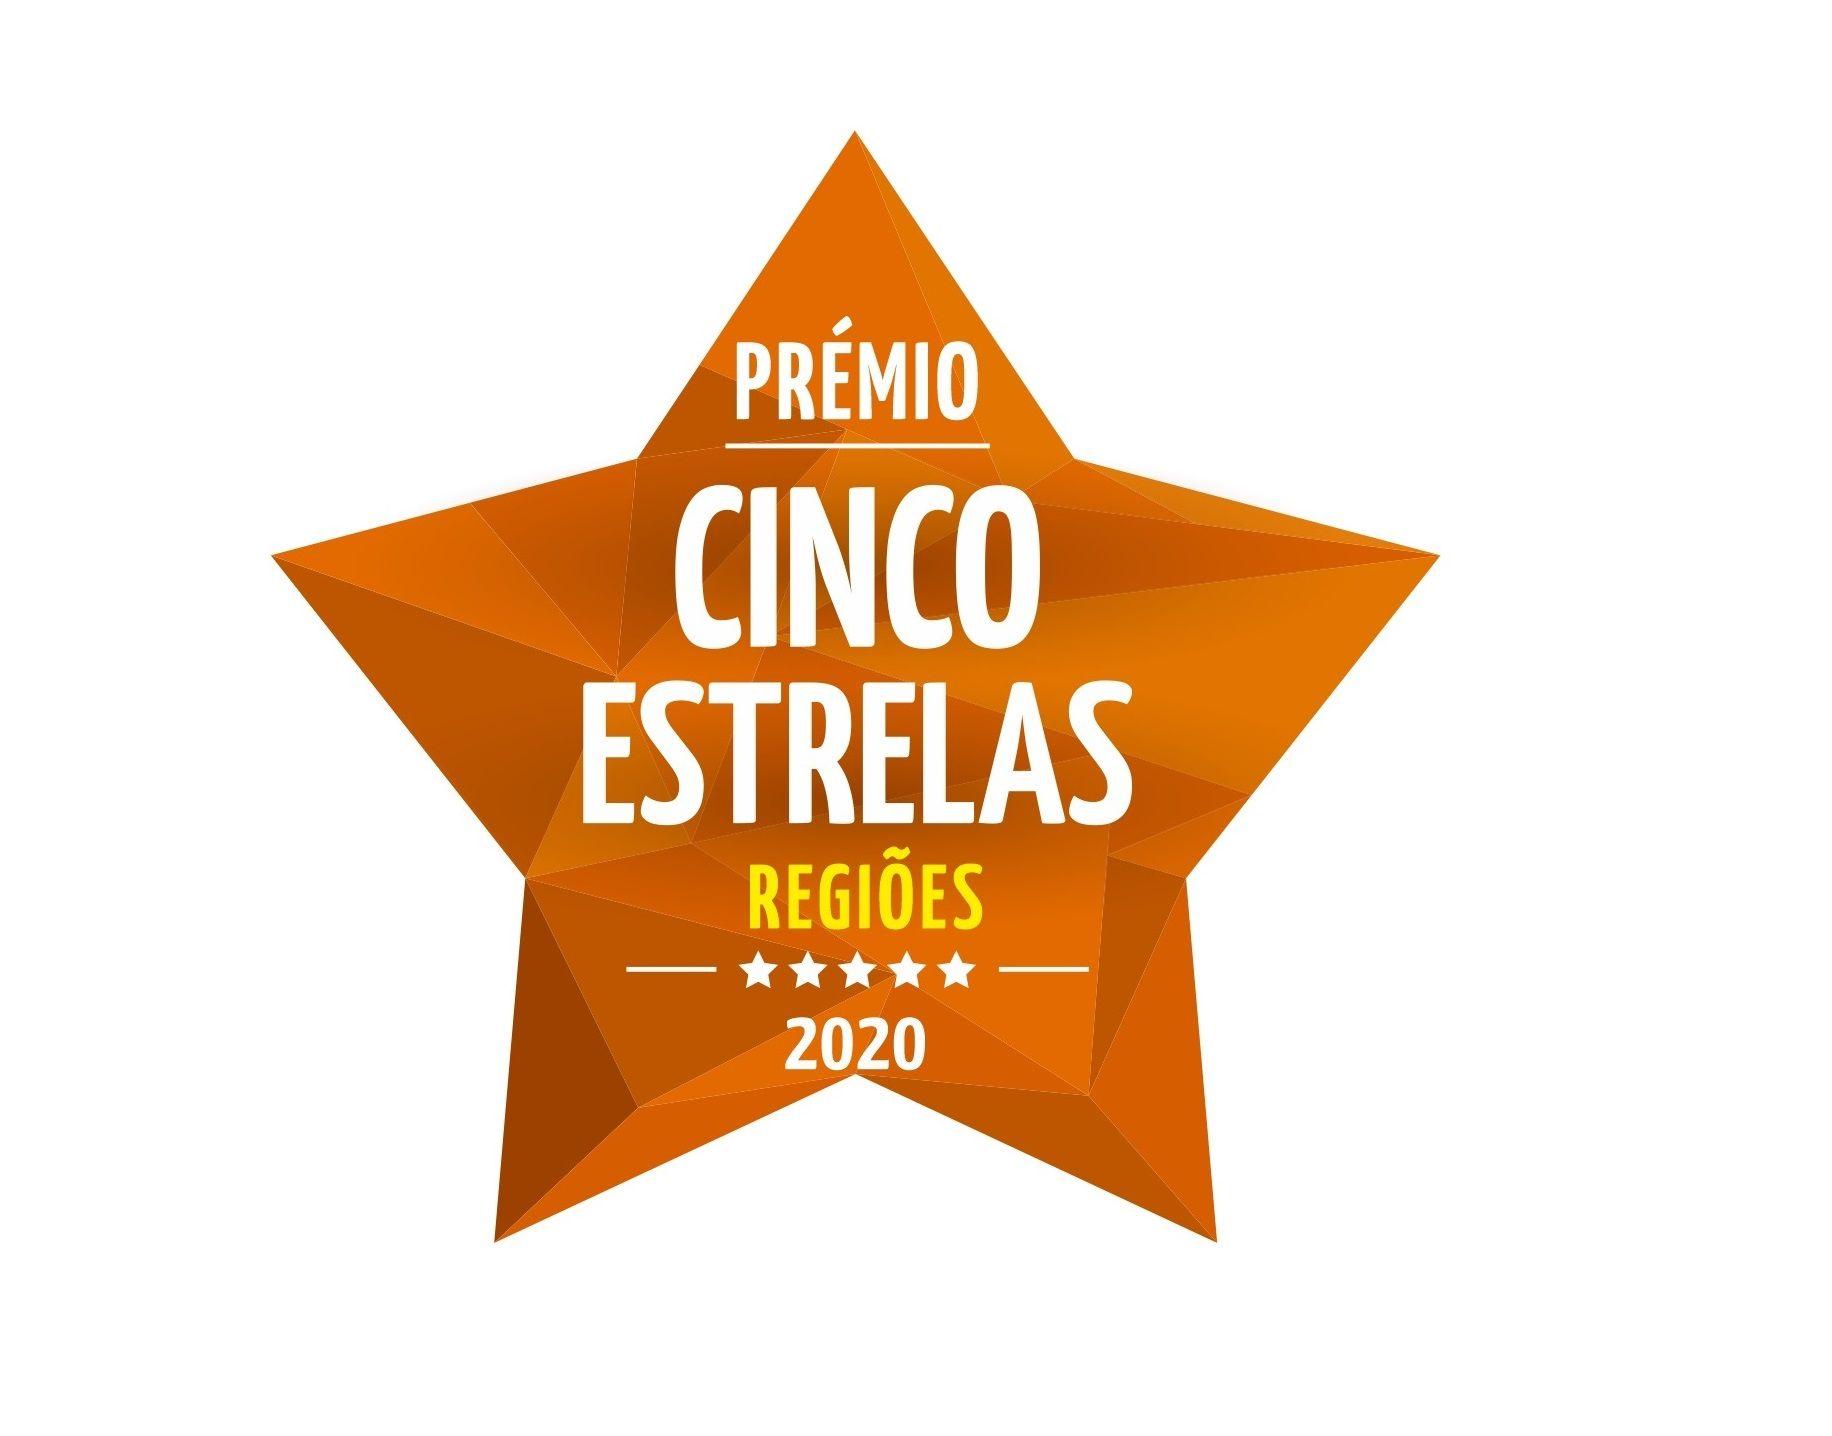 Salsamotor distinguida com o Prémio Cinco Estrelas Regiões Aveiro 2020